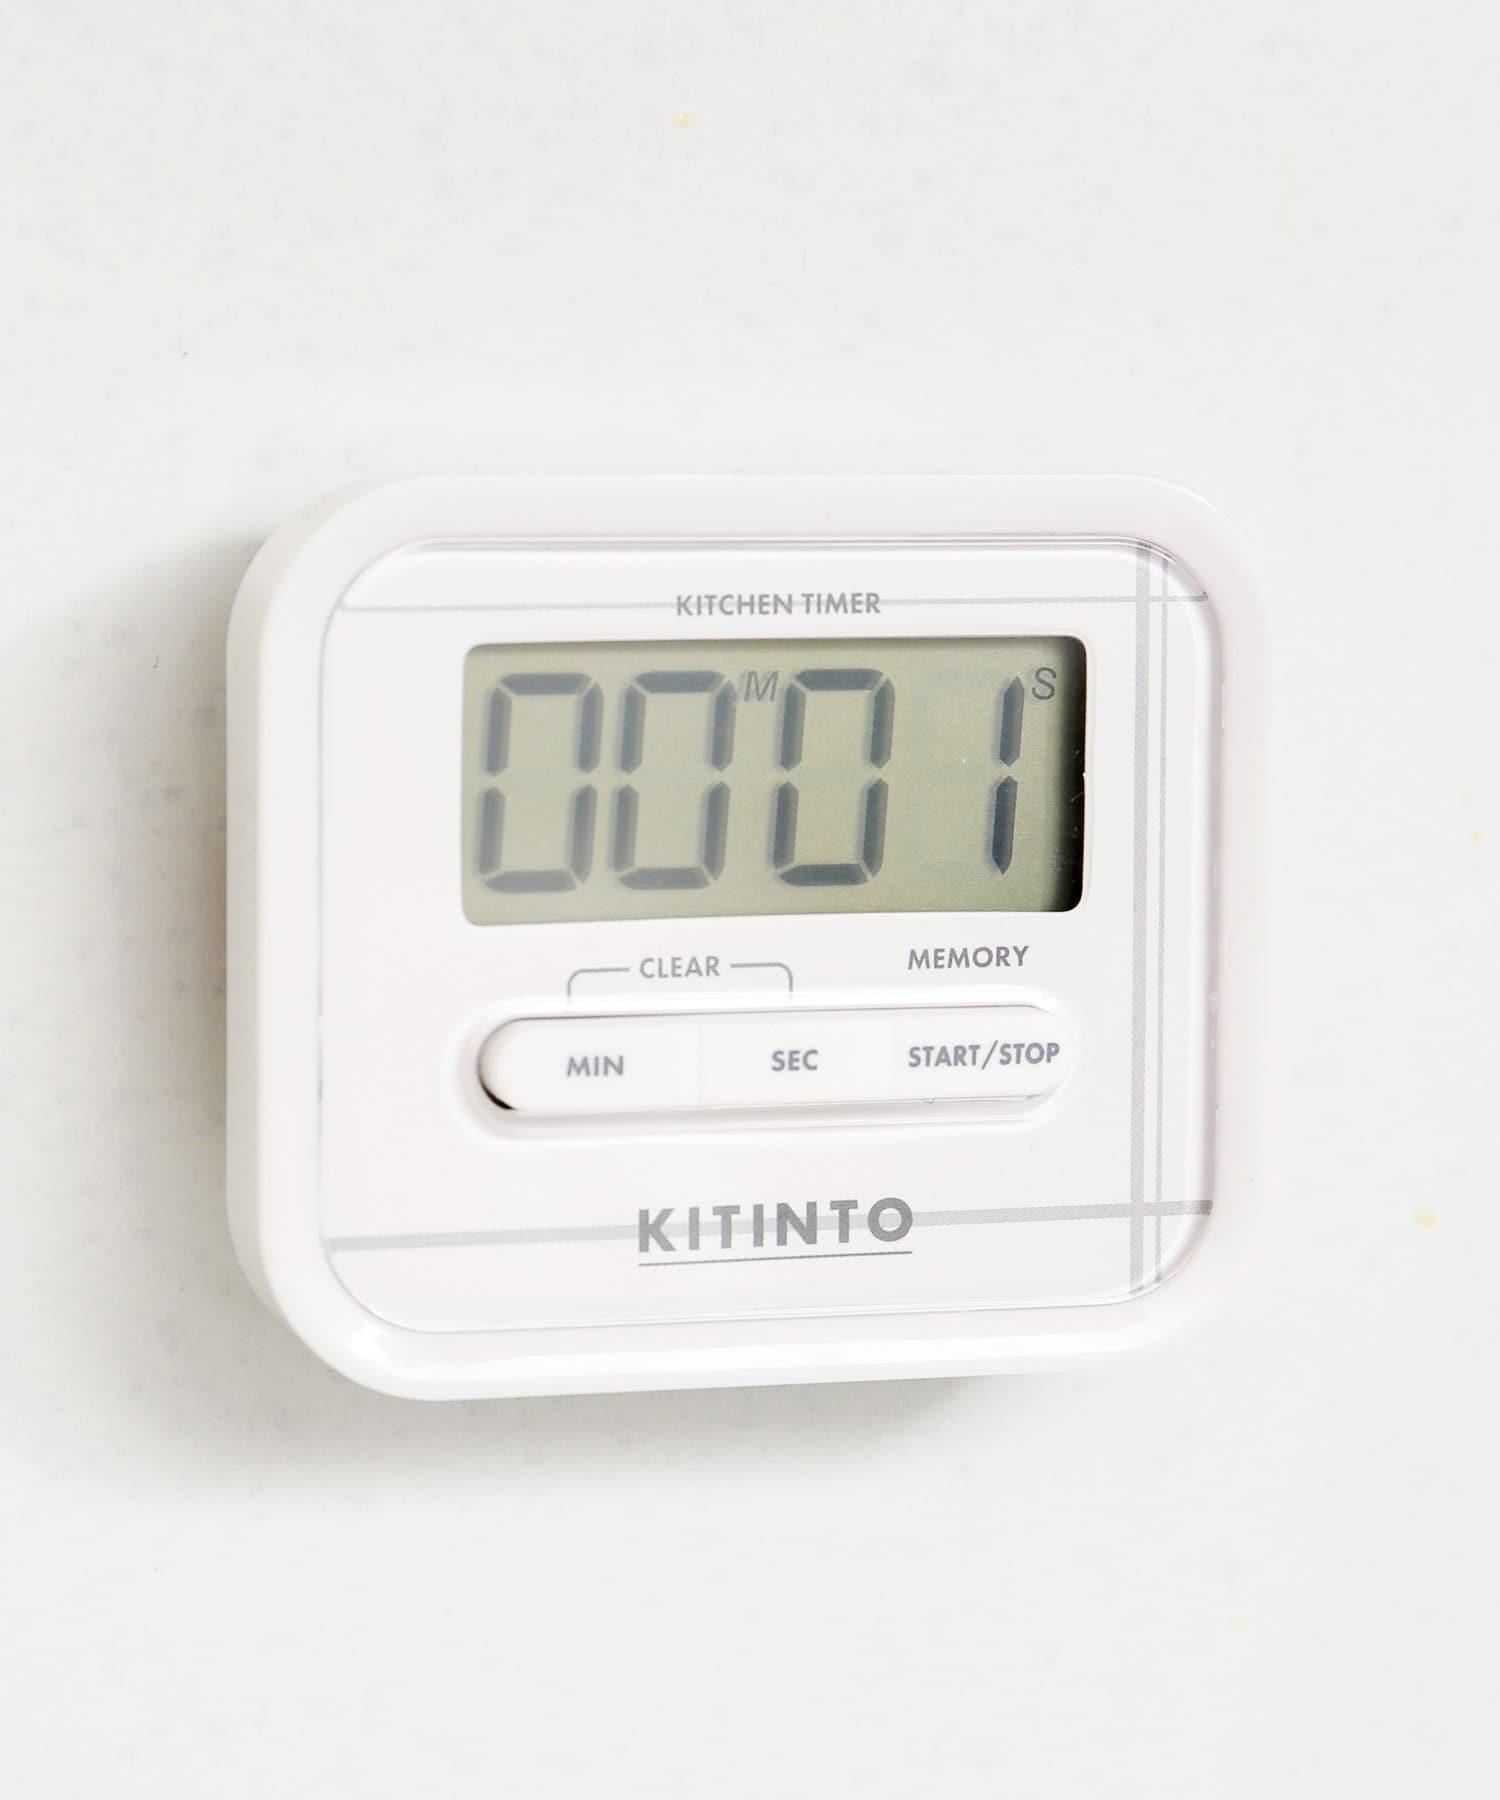 3COINS(スリーコインズ) ライフスタイル 【シンプルなロゴ入り】キッチンタイマー ホワイト